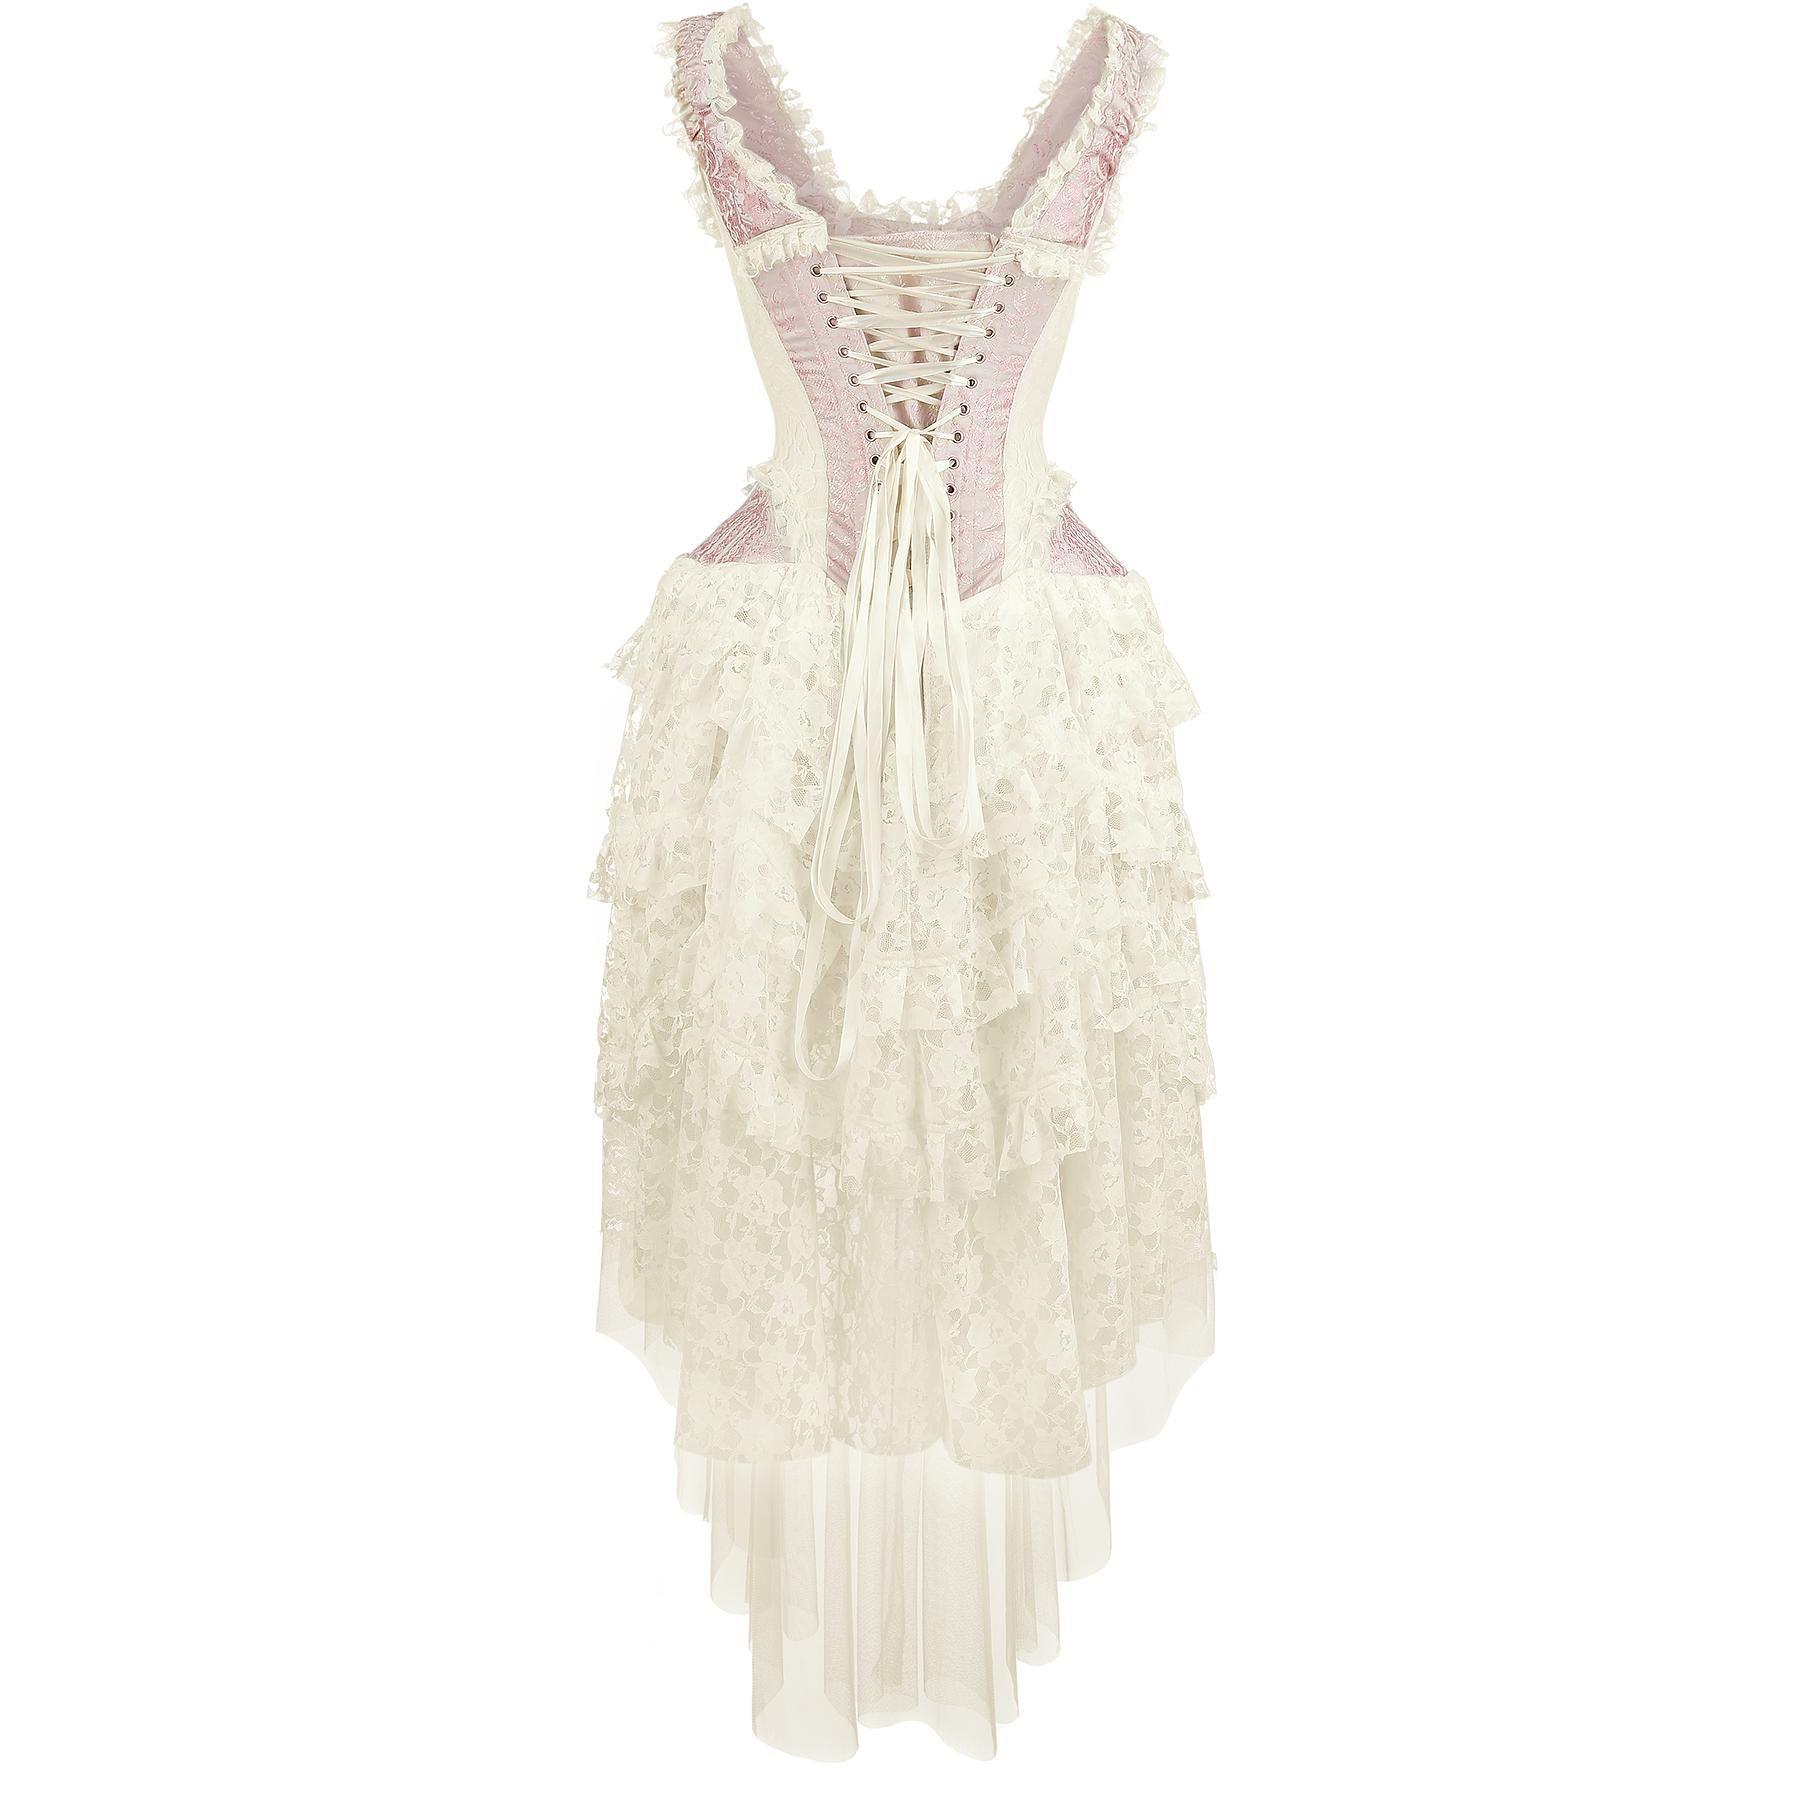 Ophelie Dress - Pitkä mekko - Burleska